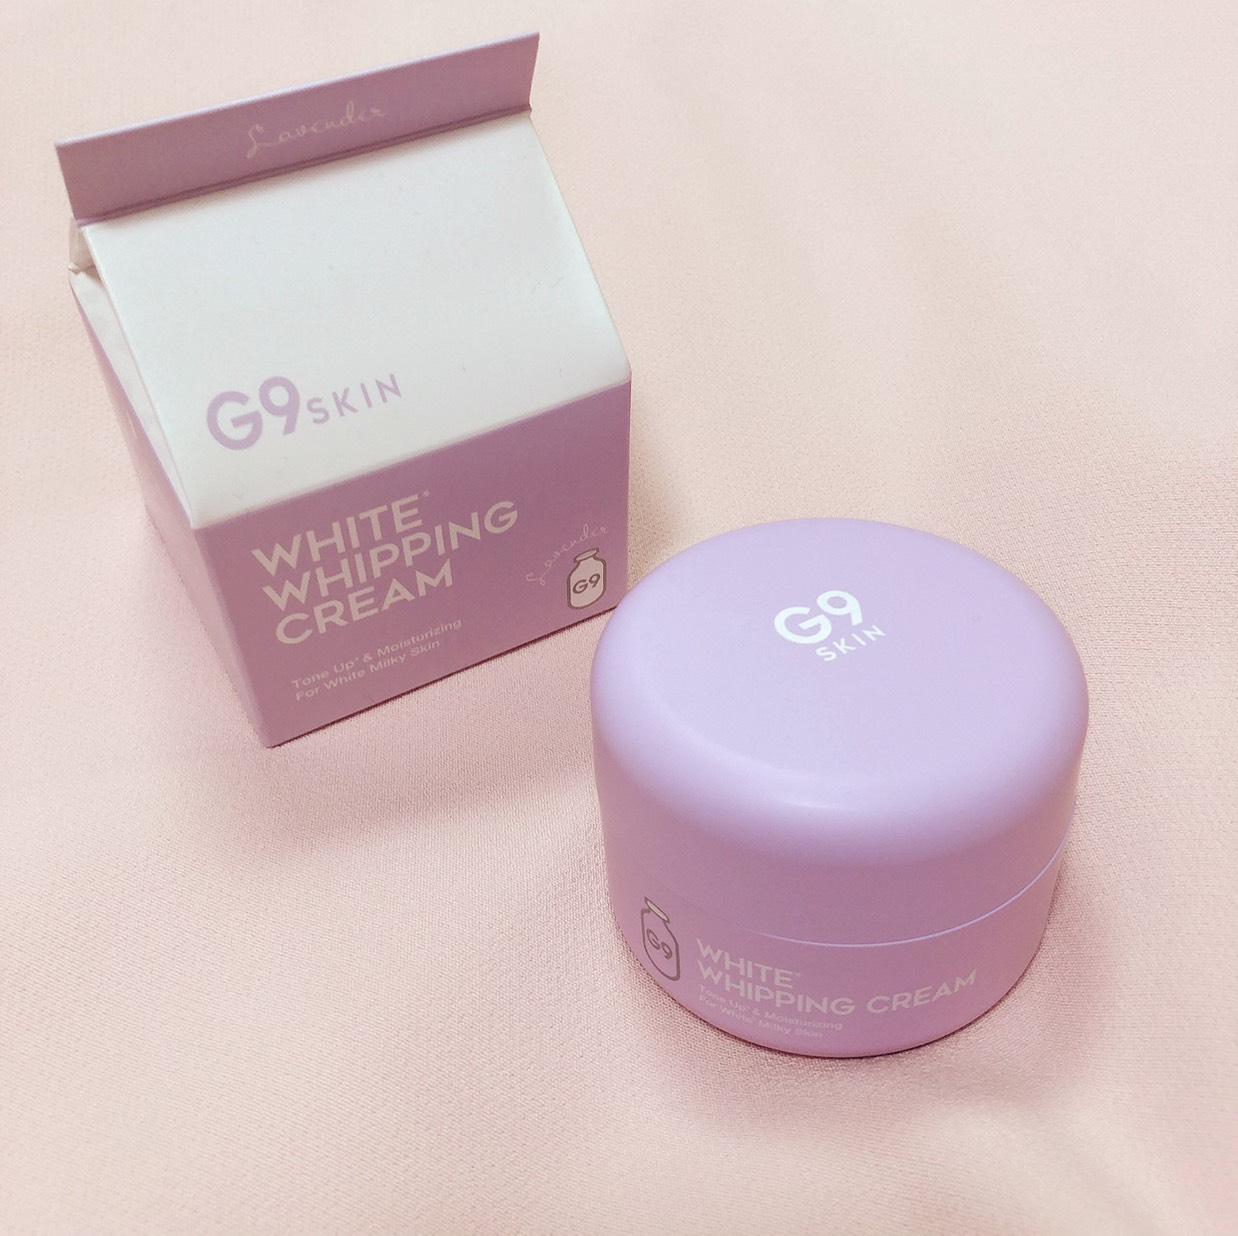 G9SKIN ホワイトホイッピングクリーム Lクリーム ラベンダー♡